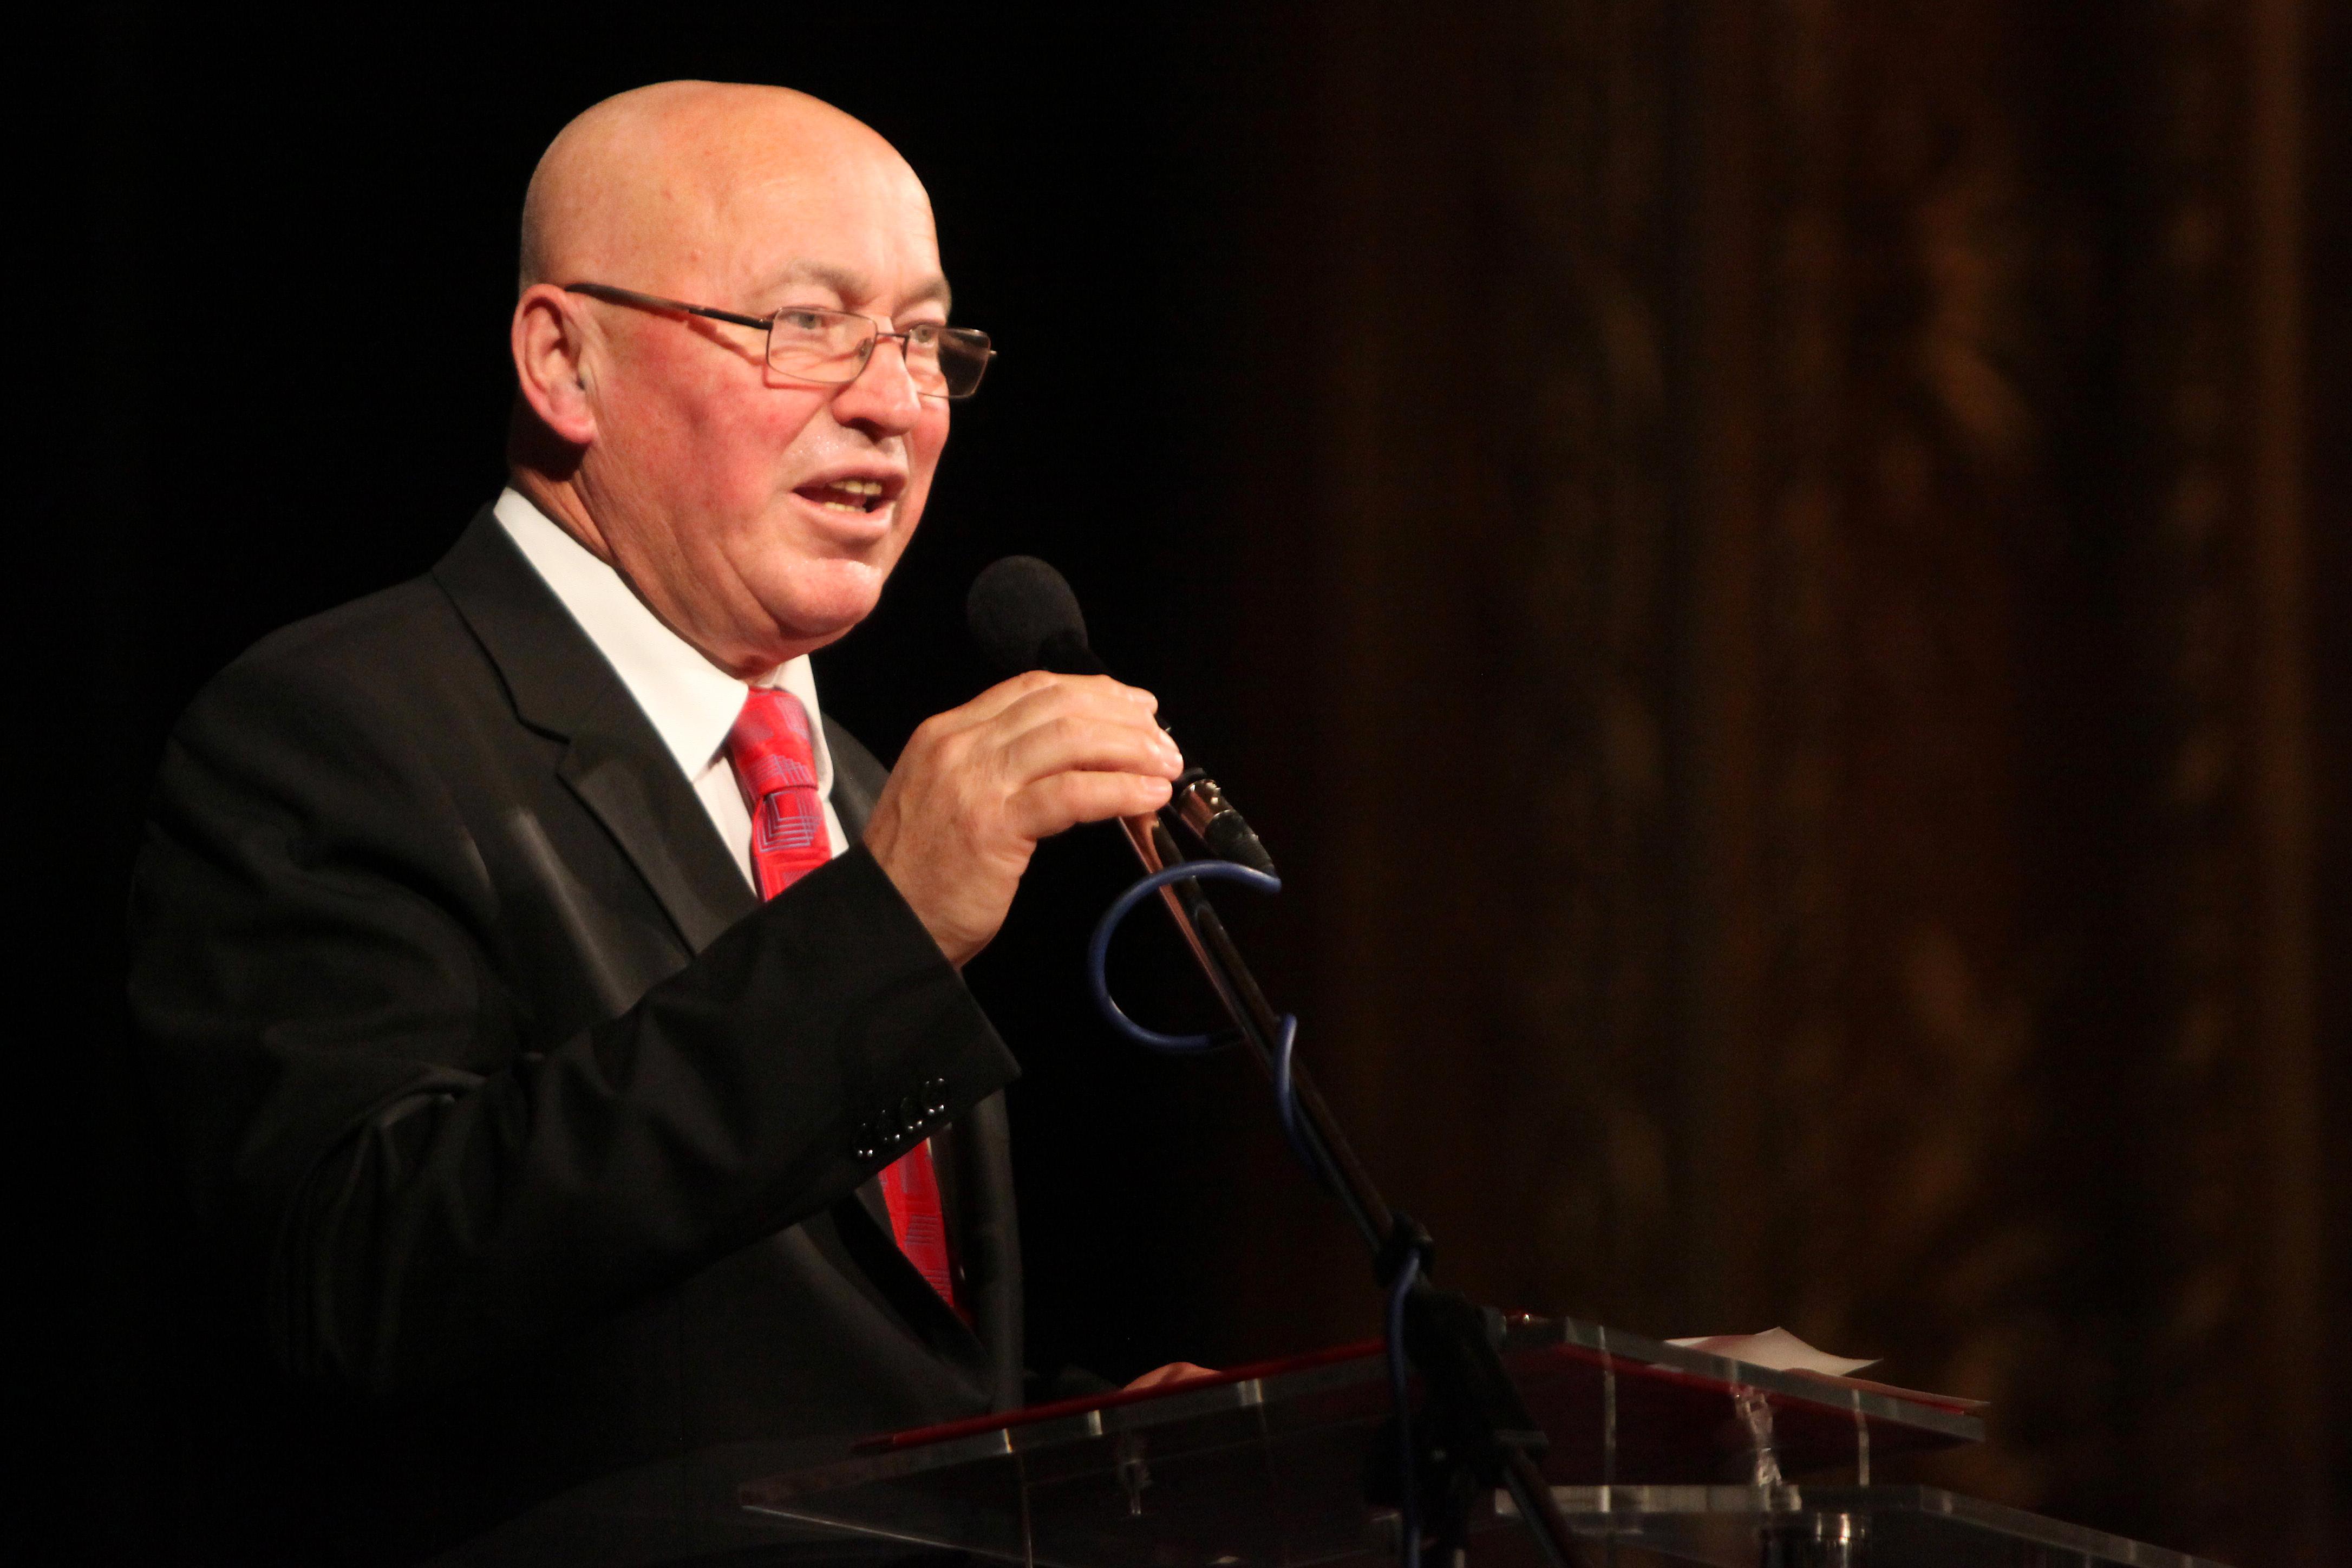 Deputatul PSD Vasile Mocanu si-a depus demisia din Parlament, pe motiv de boala